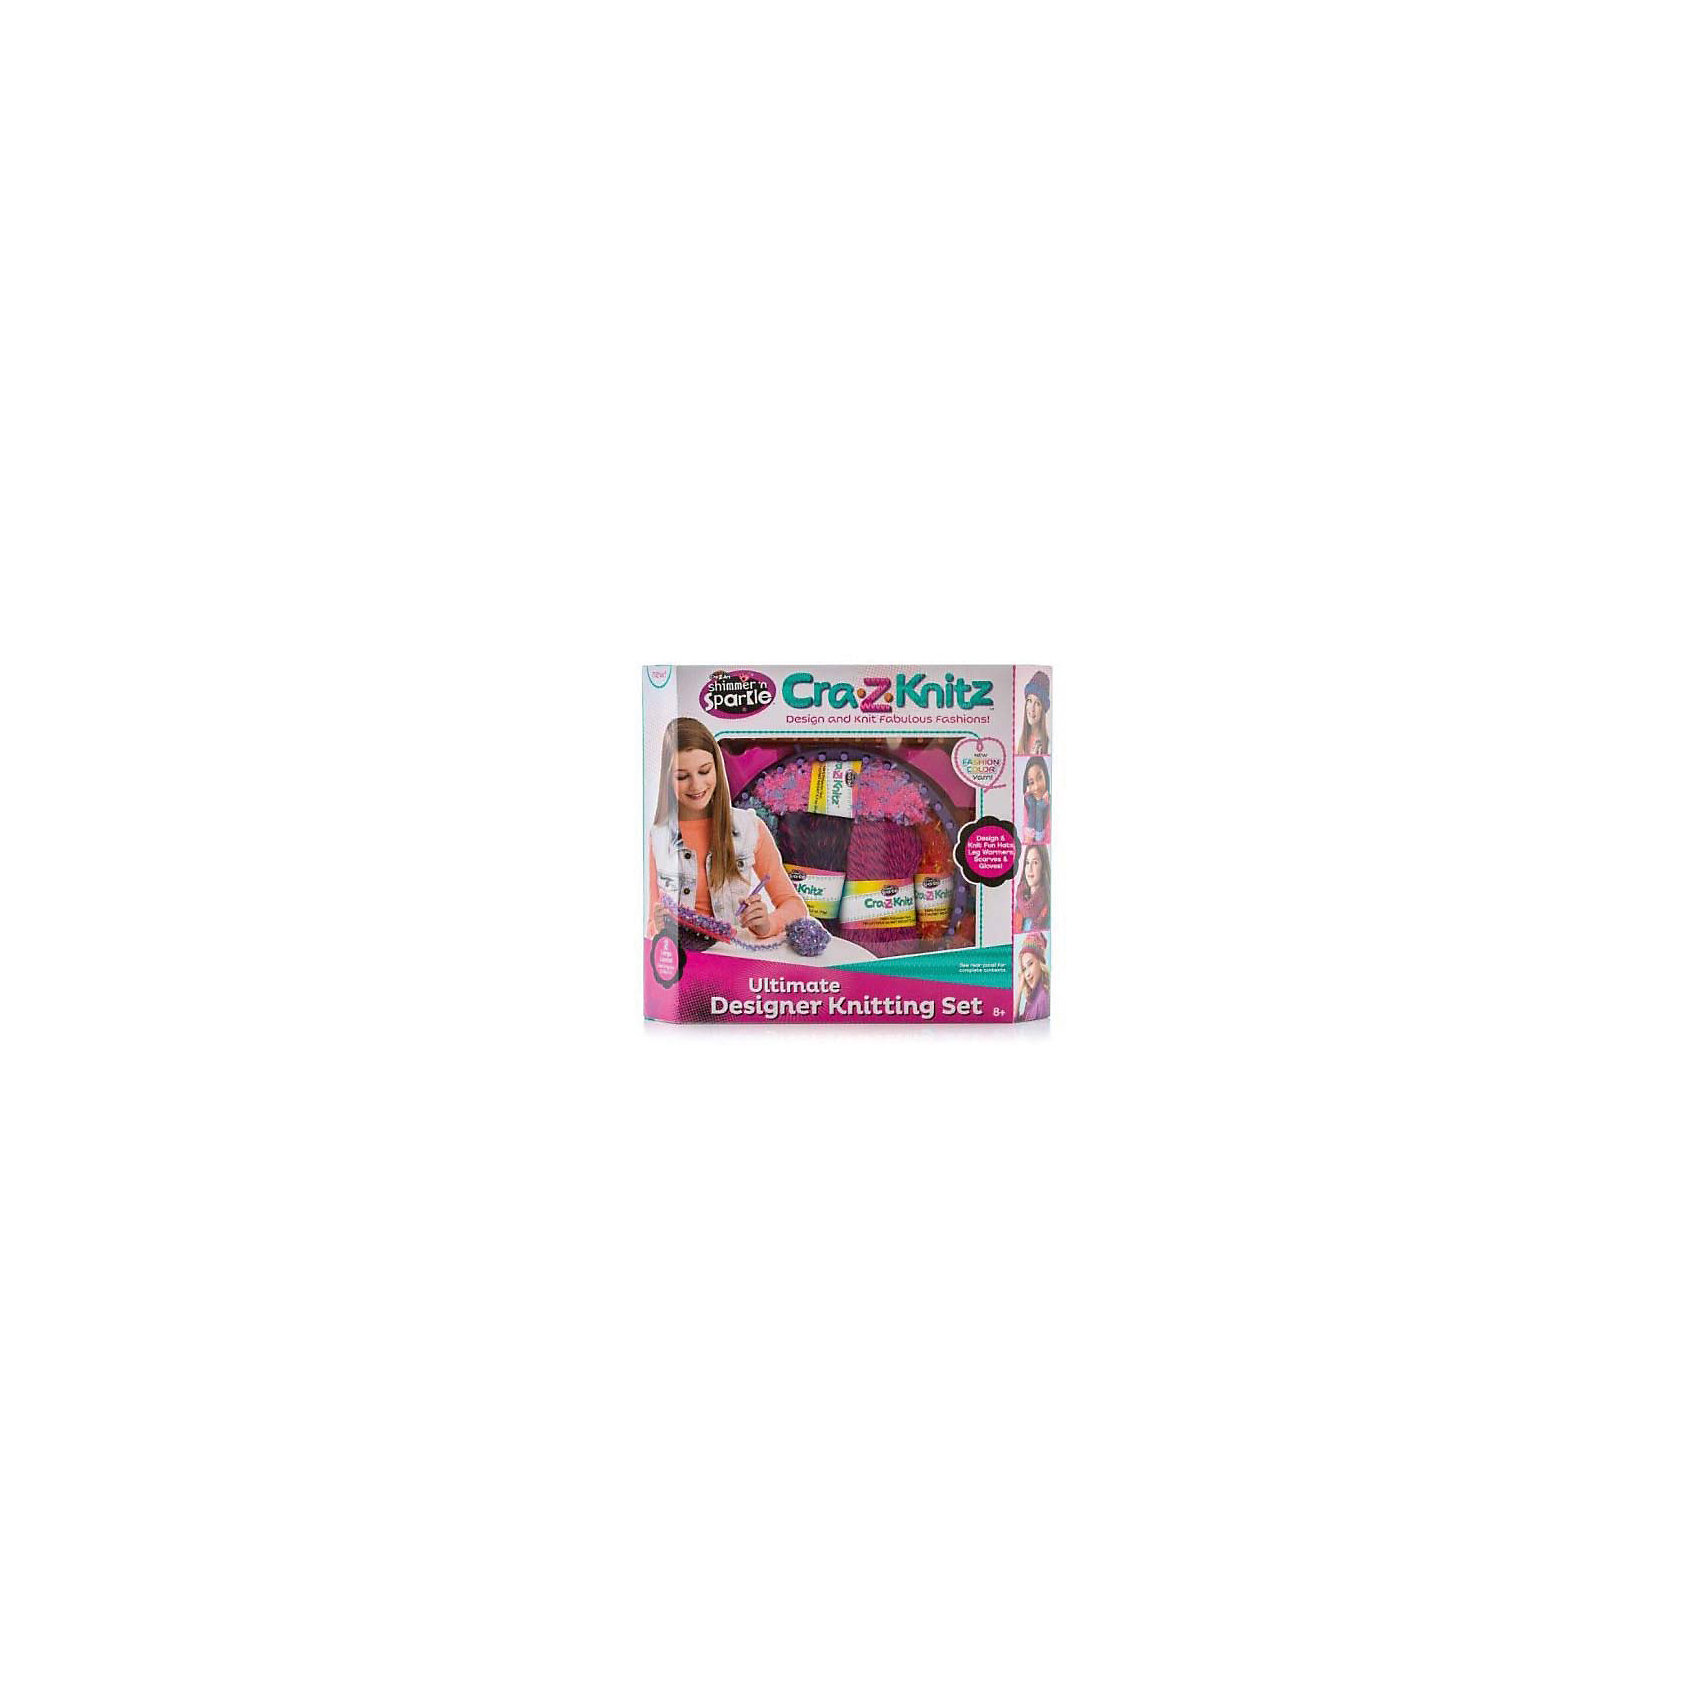 Набор для вязания Cra-Z-Knitz - Вязальная станция, средняяХарактеристики:<br><br>• Предназначение: для занятий рукоделием<br>• Пол: для девочки<br>• Материал: пластик, пряжа, металл<br>• Цвет: в ассортименте<br>• Комплектация: круглый станок, прямоугольный станок, 3 мотка акриловых ниток разного цвета, крючок, вязальная игра, инструкция<br>• Размеры (Д*Ш*В): 8*30,5*35,5 см<br>• Вес: 199 г <br>• Упаковка: картонная коробка с блистером<br><br>Cra-Z-Knitz Вязальная станция средняя – это набор от торгового бренда Cra-Z-Art, который всемирно знаменит своими канцелярскими товарами и оригинальными наборами для творчества. Cra-Z-Art предлагает совершенно новый взгляд на один из самых трудоемких видов рукоделия – вязание. Теперь научиться вязать может каждый и в этом ему поможет вязальная станция. Вязальная станция представляет собой специализированные приспособления – лумы, на которых вывязывается полотно с помощью крючка. Набор включает в себя два вида лумов – круглой и прямоугольной формы для вязки различных изделий. В комплекте предусмотрен набор их трех мотков акриловых ниток разного цвета. Все материалы, из которых изготовлены детали и элементы набора отвечают международным стандартам безопасности. Для более легкого освоения технологии вязания с помощью лумов предусмотрена подробная инструкция со схемами.<br>Занятия рукоделием способствуют развитию мелкой моторики, учат внимательности, сосредоточенности и усидчивости, также вязание формирует чувство стиля и вкуса. <br><br>Cra-Z-Knitz Вязальную станцию среднюю можно купить в нашем интернет-магазине.<br><br>Ширина мм: 80<br>Глубина мм: 305<br>Высота мм: 355<br>Вес г: 199<br>Возраст от месяцев: 72<br>Возраст до месяцев: 168<br>Пол: Женский<br>Возраст: Детский<br>SKU: 5103468